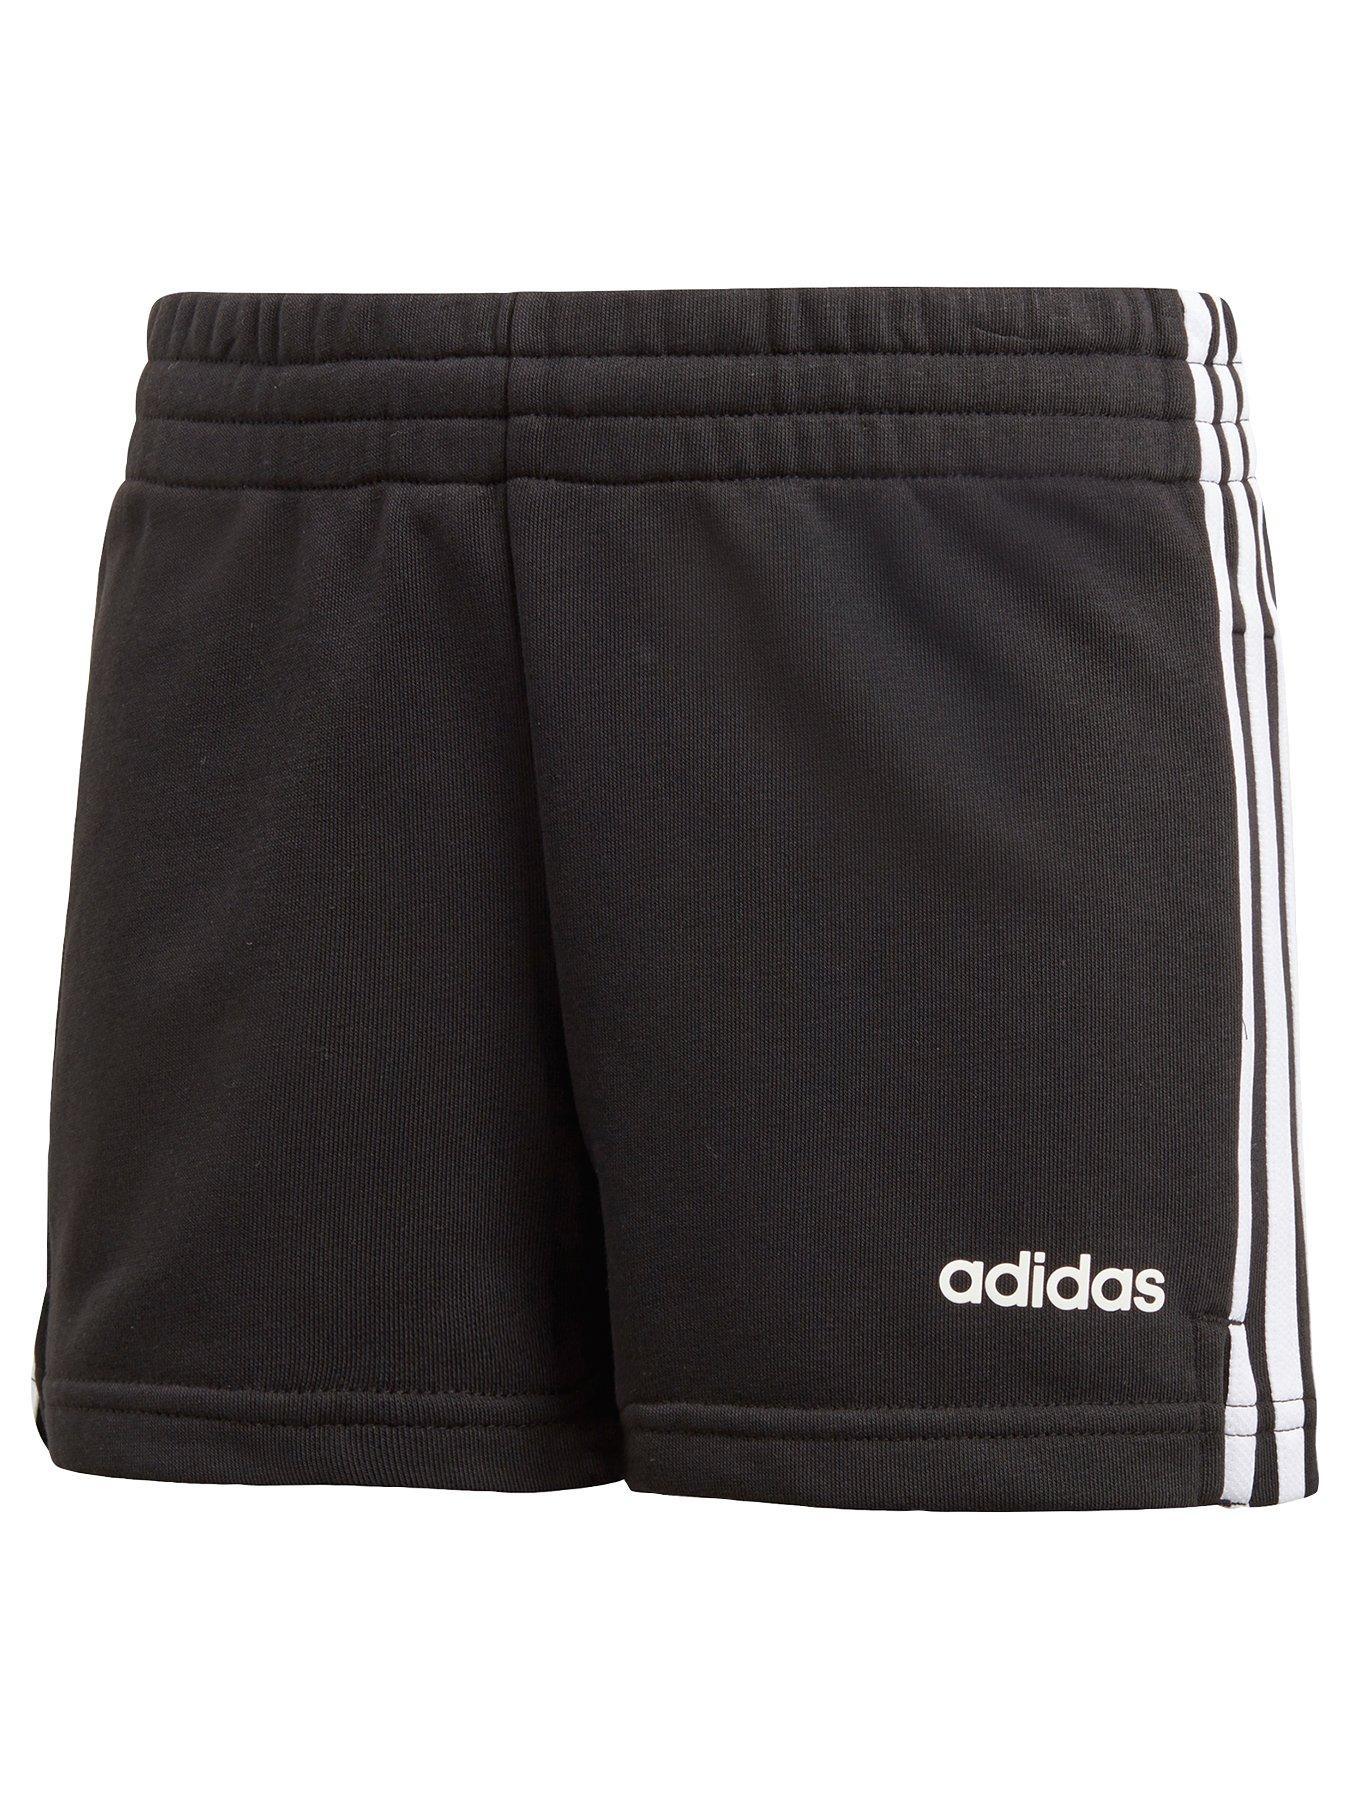 adidas originals poly hoody junior, adidas Run Gym Bag